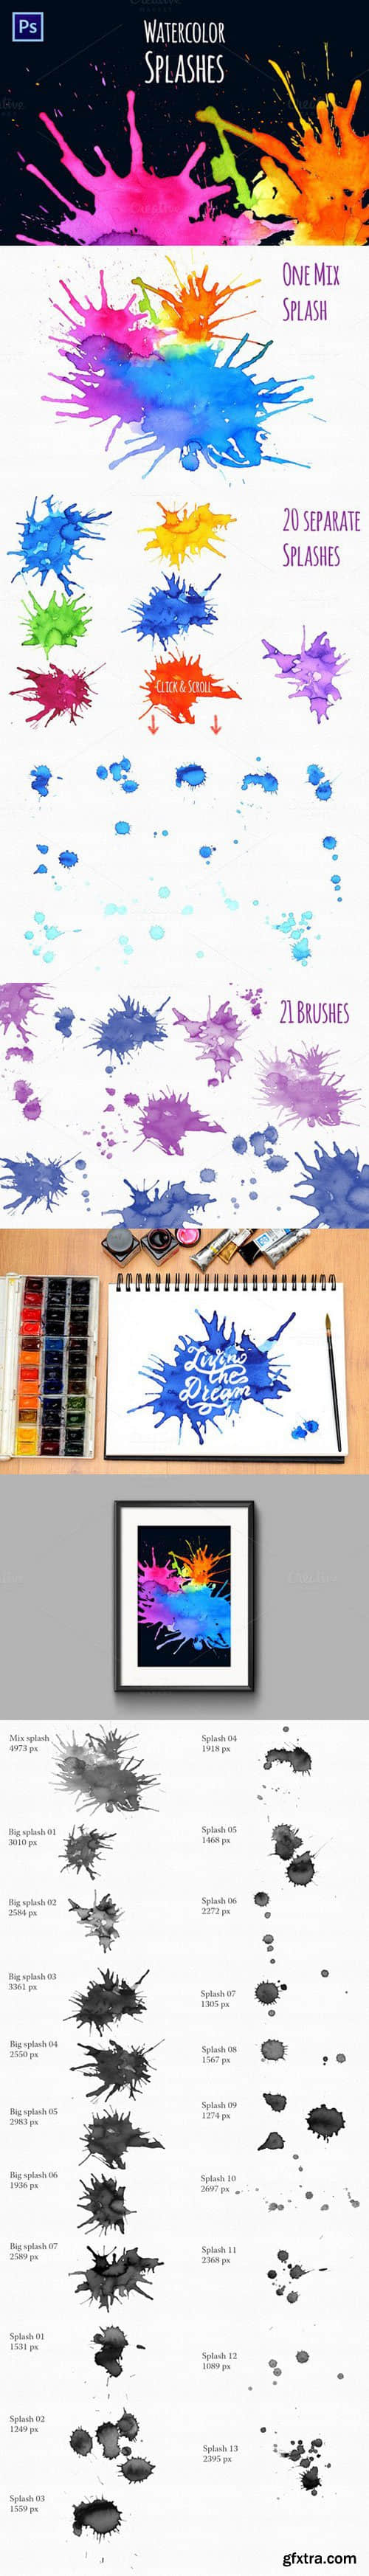 超高清水彩喷溅效果、油漆水墨滴溅Photoshop笔刷免费下载